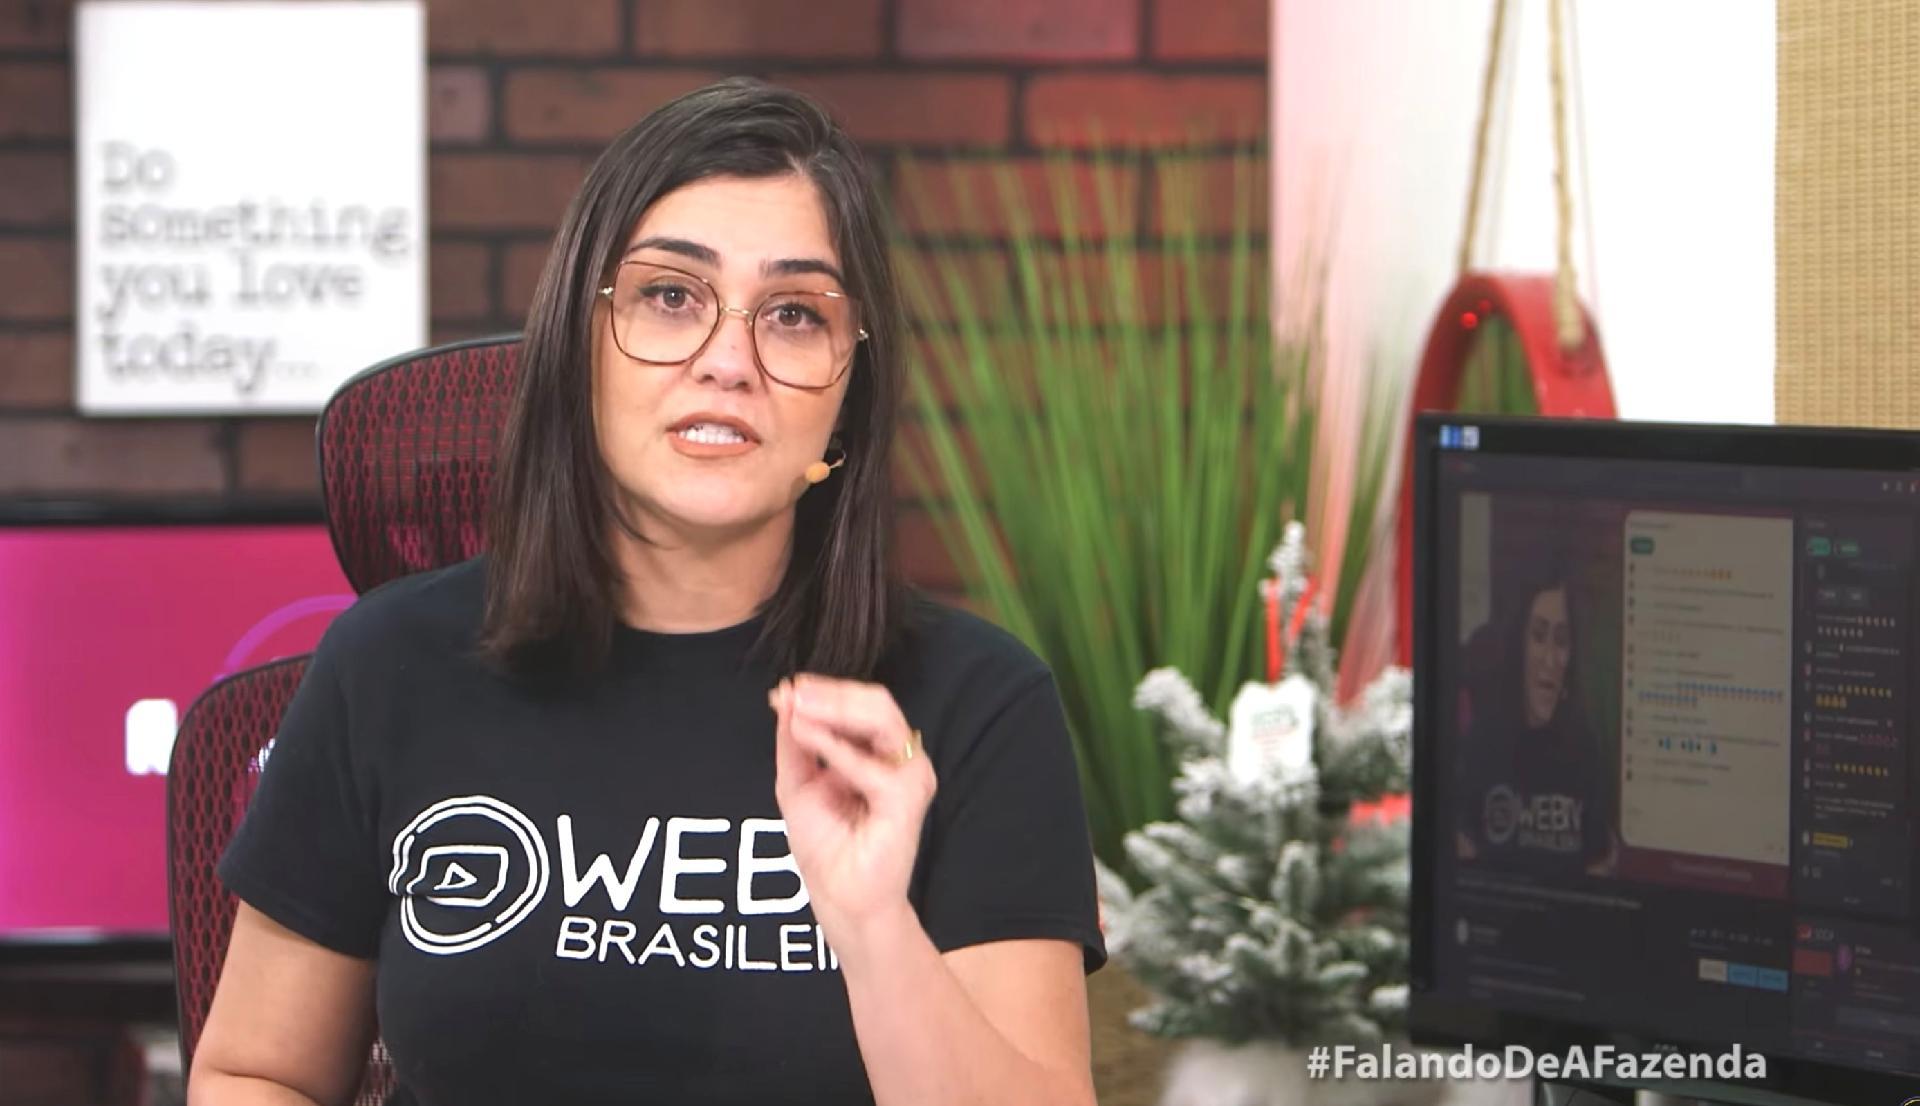 Tati Martins e Marcelo Caldas, do canal WebTVBrasileira falam sobre barraco com Record (Foto: Reprodução)